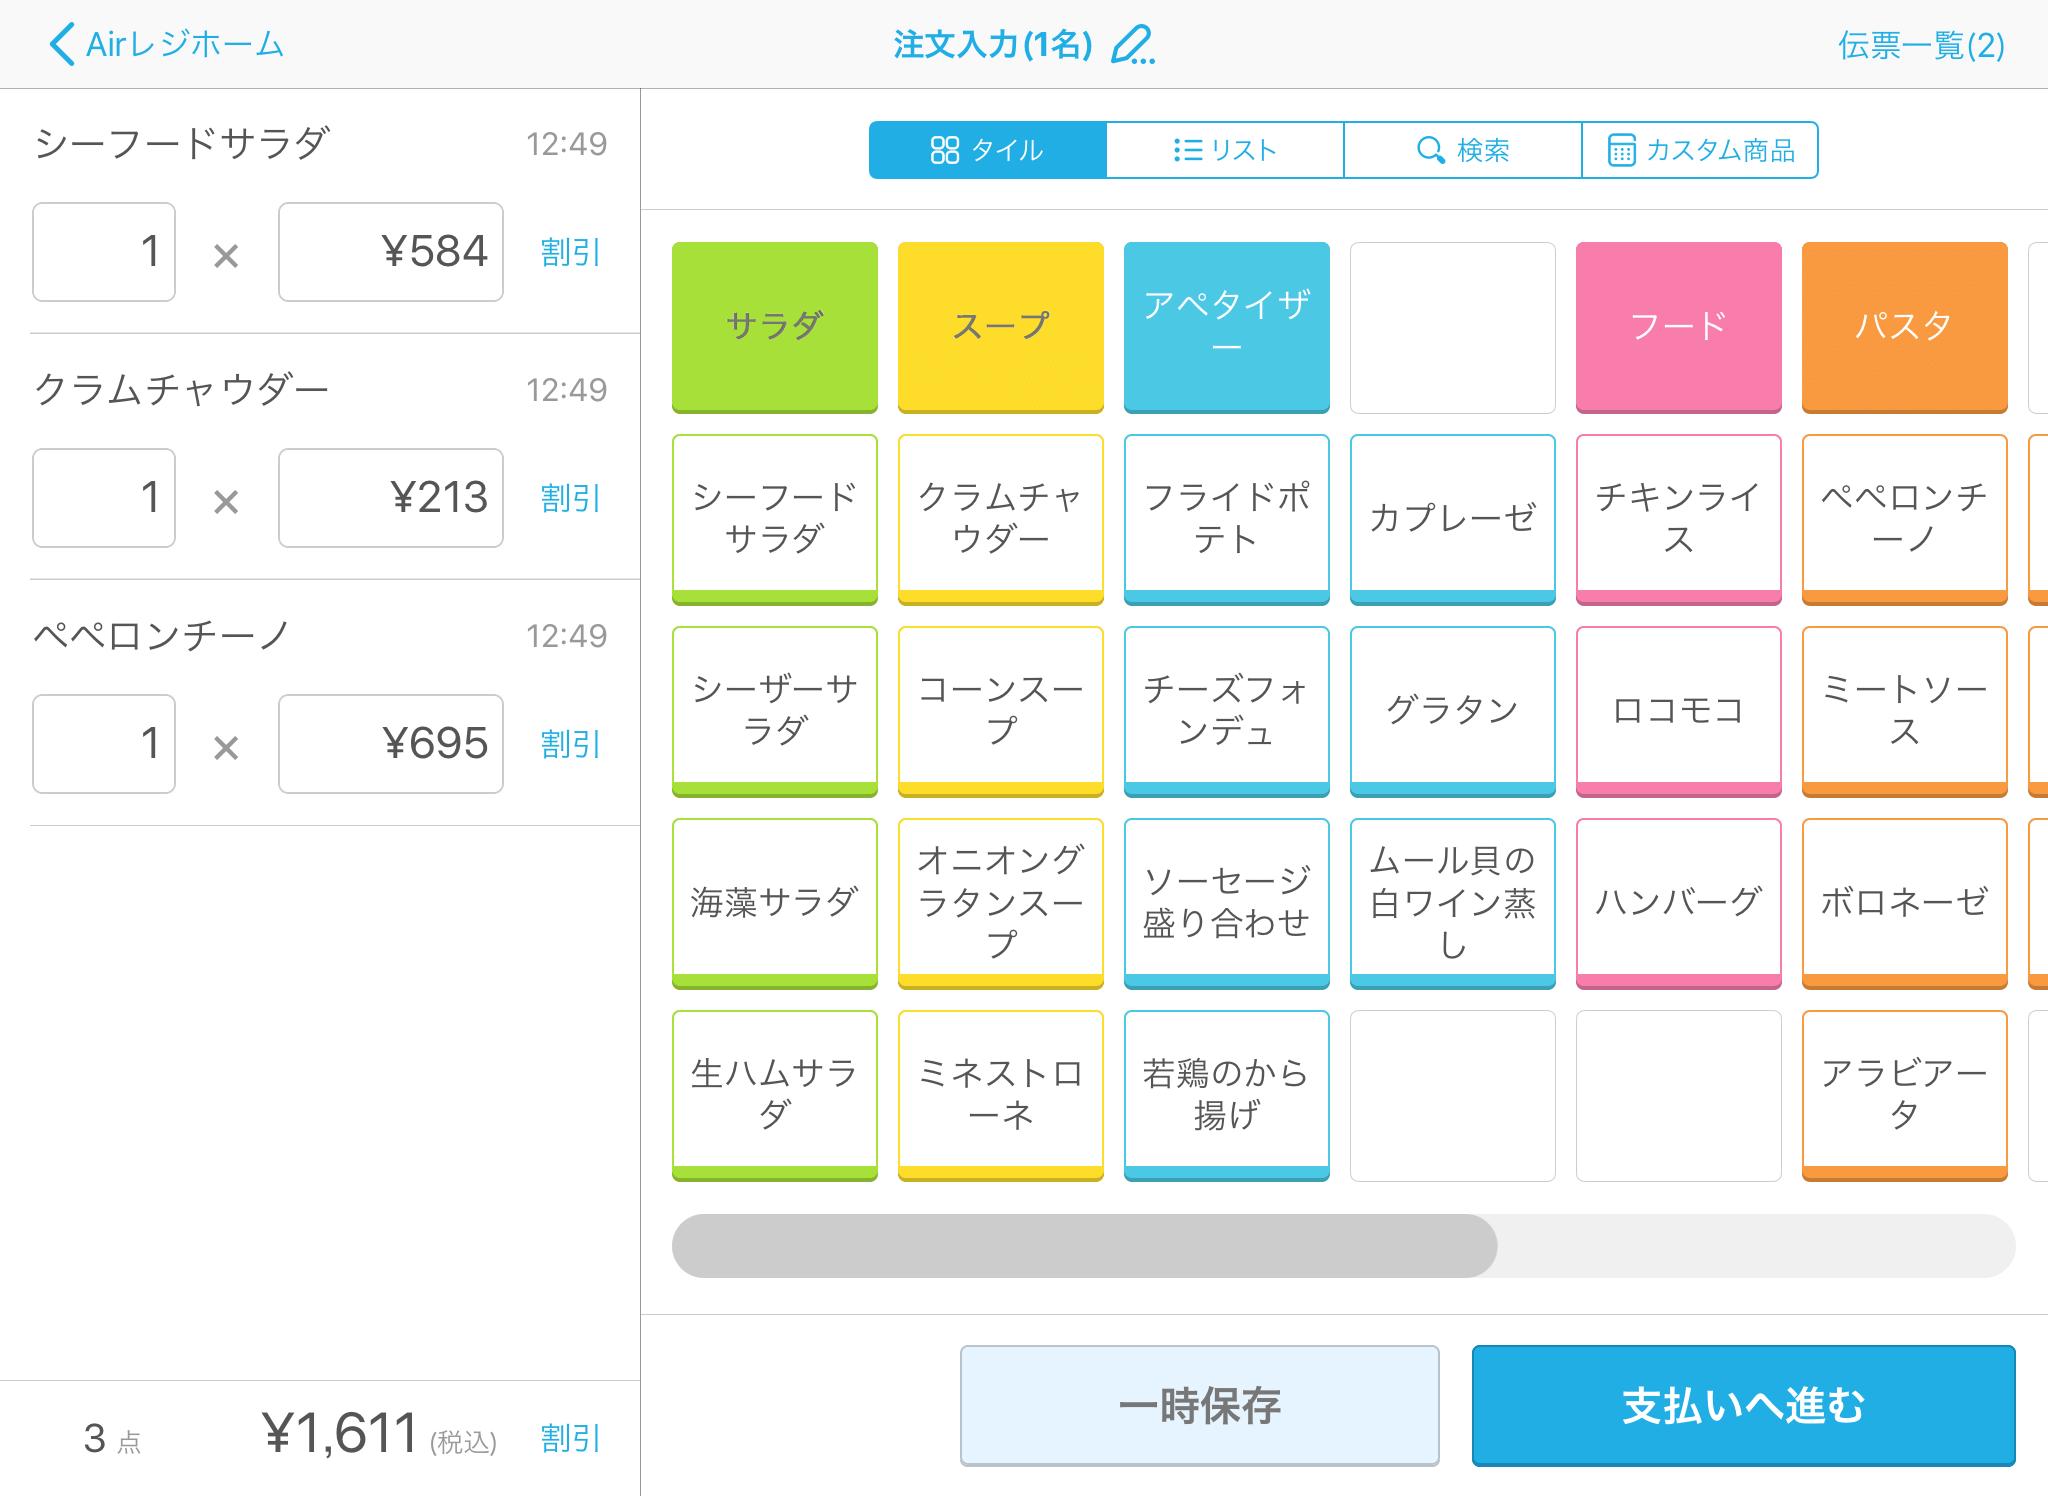 Airレジ 注文入力画面.png